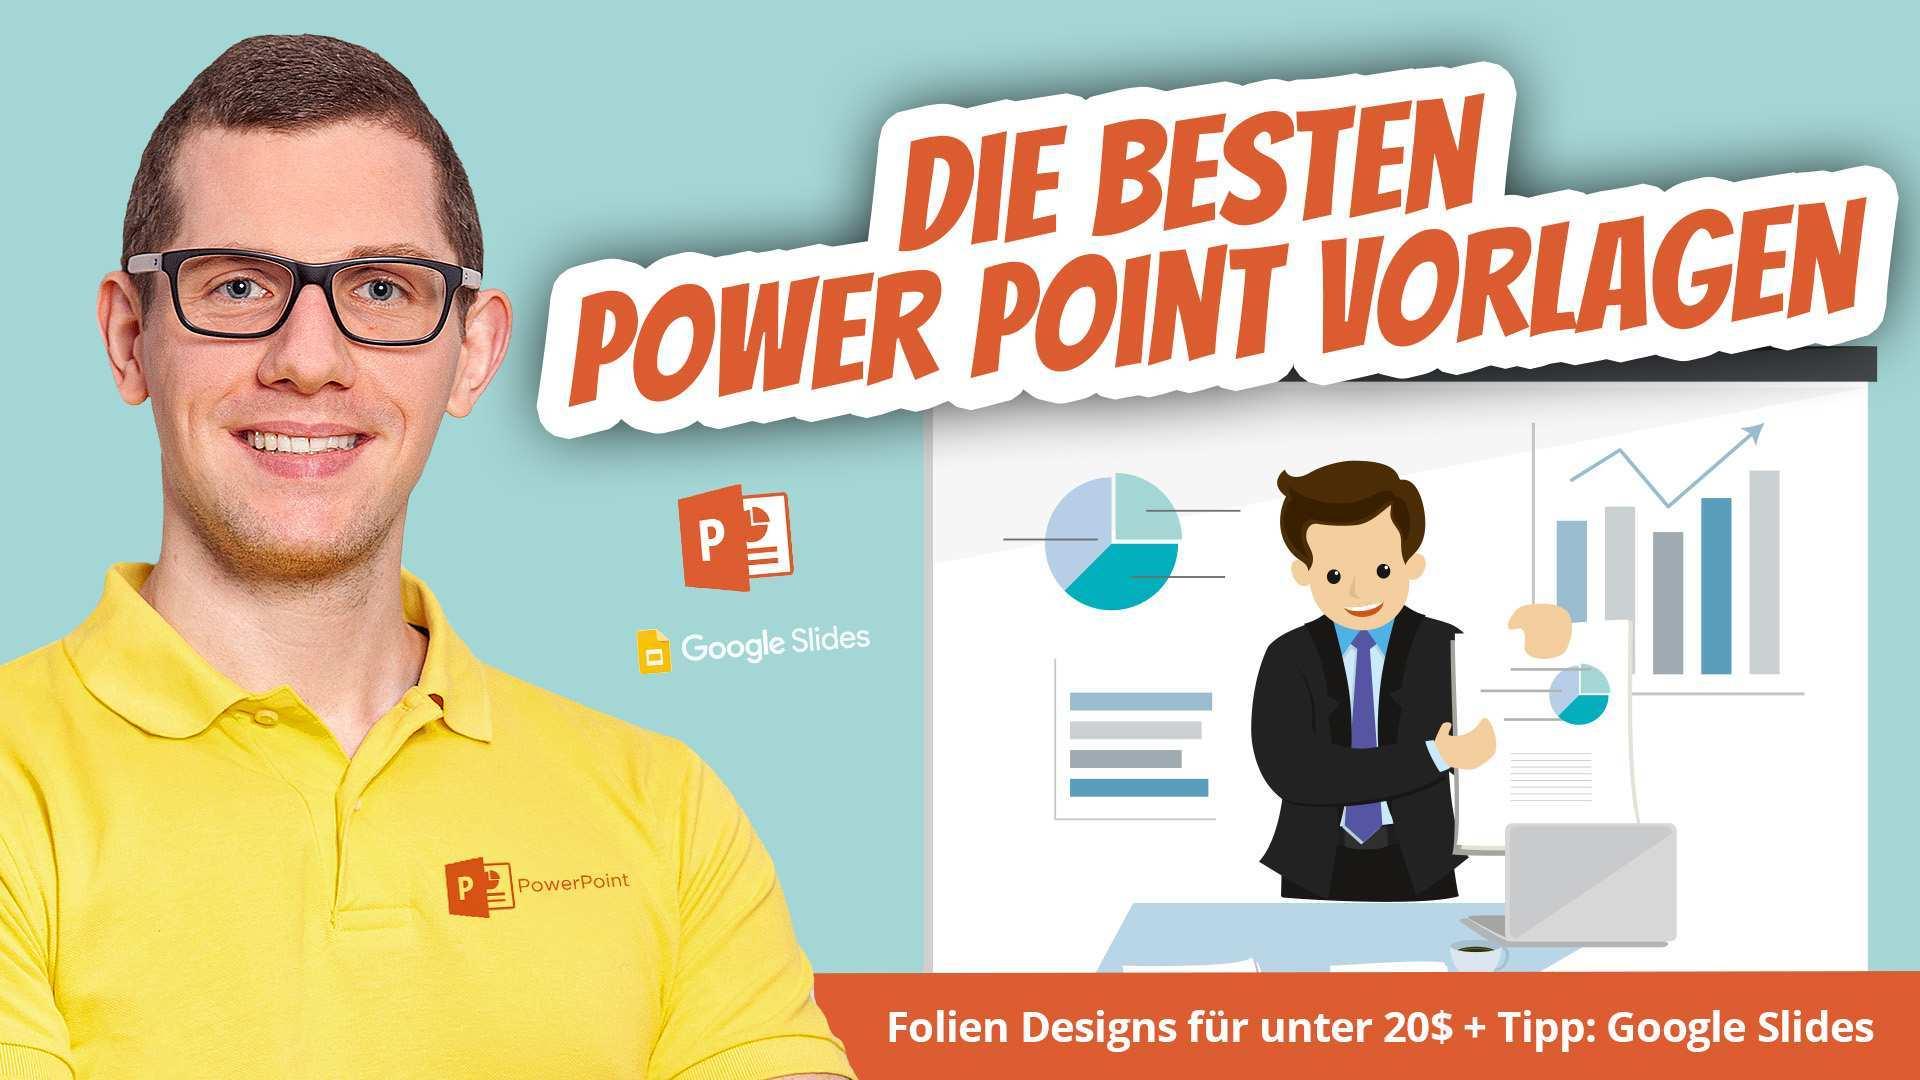 Beste Power Point Vorlagen Muster Design Masterfolien Formatvorlagen